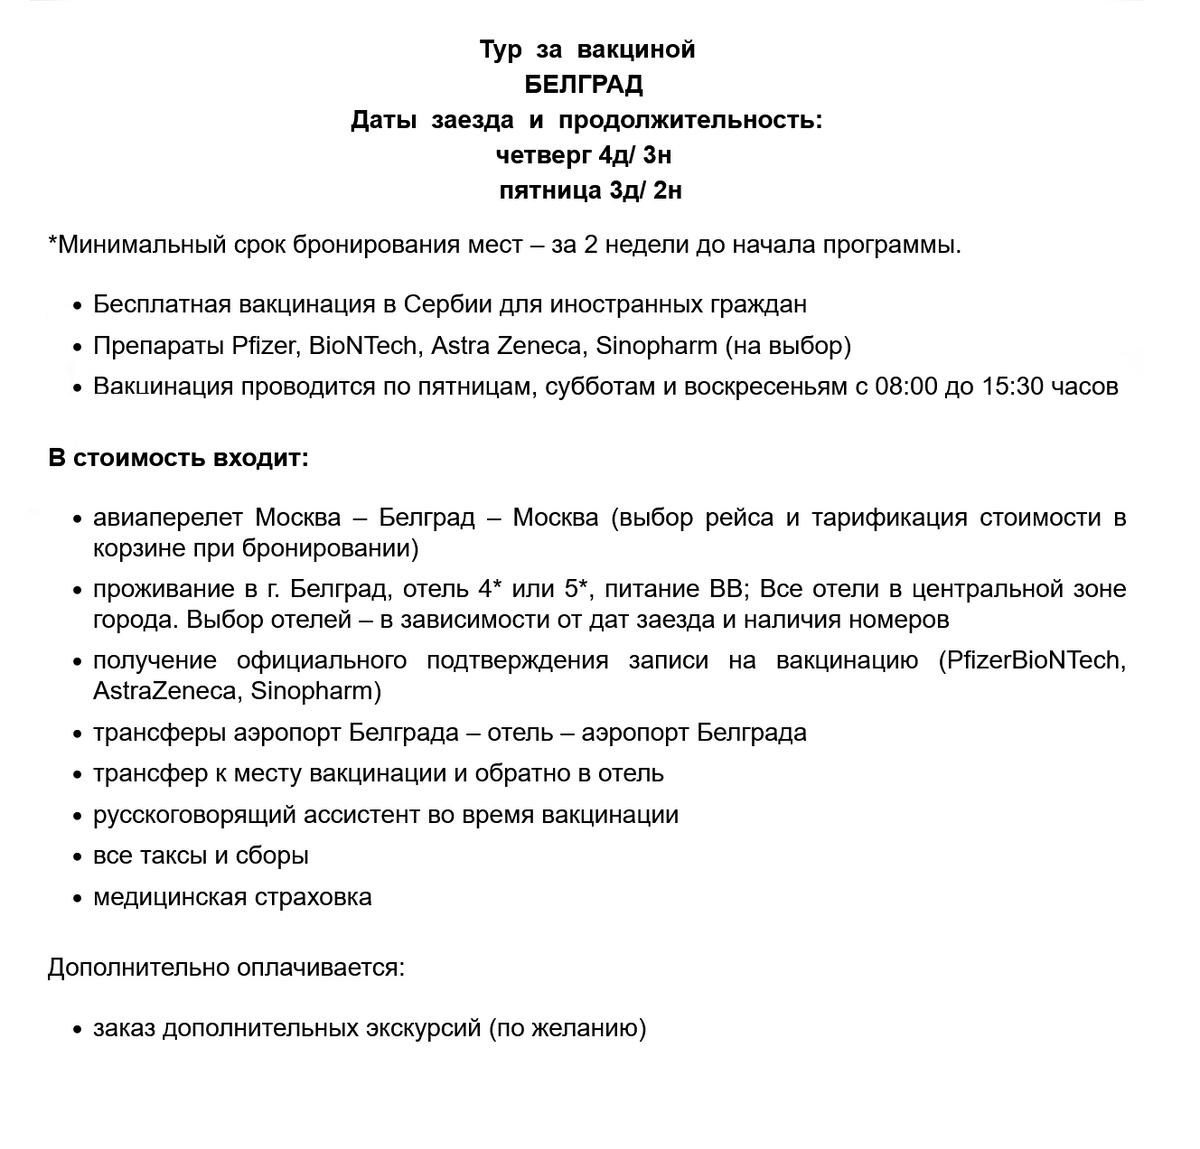 Так выглядит описание прививочного тура в Сербию на сайте агентства «Русский экспресс»